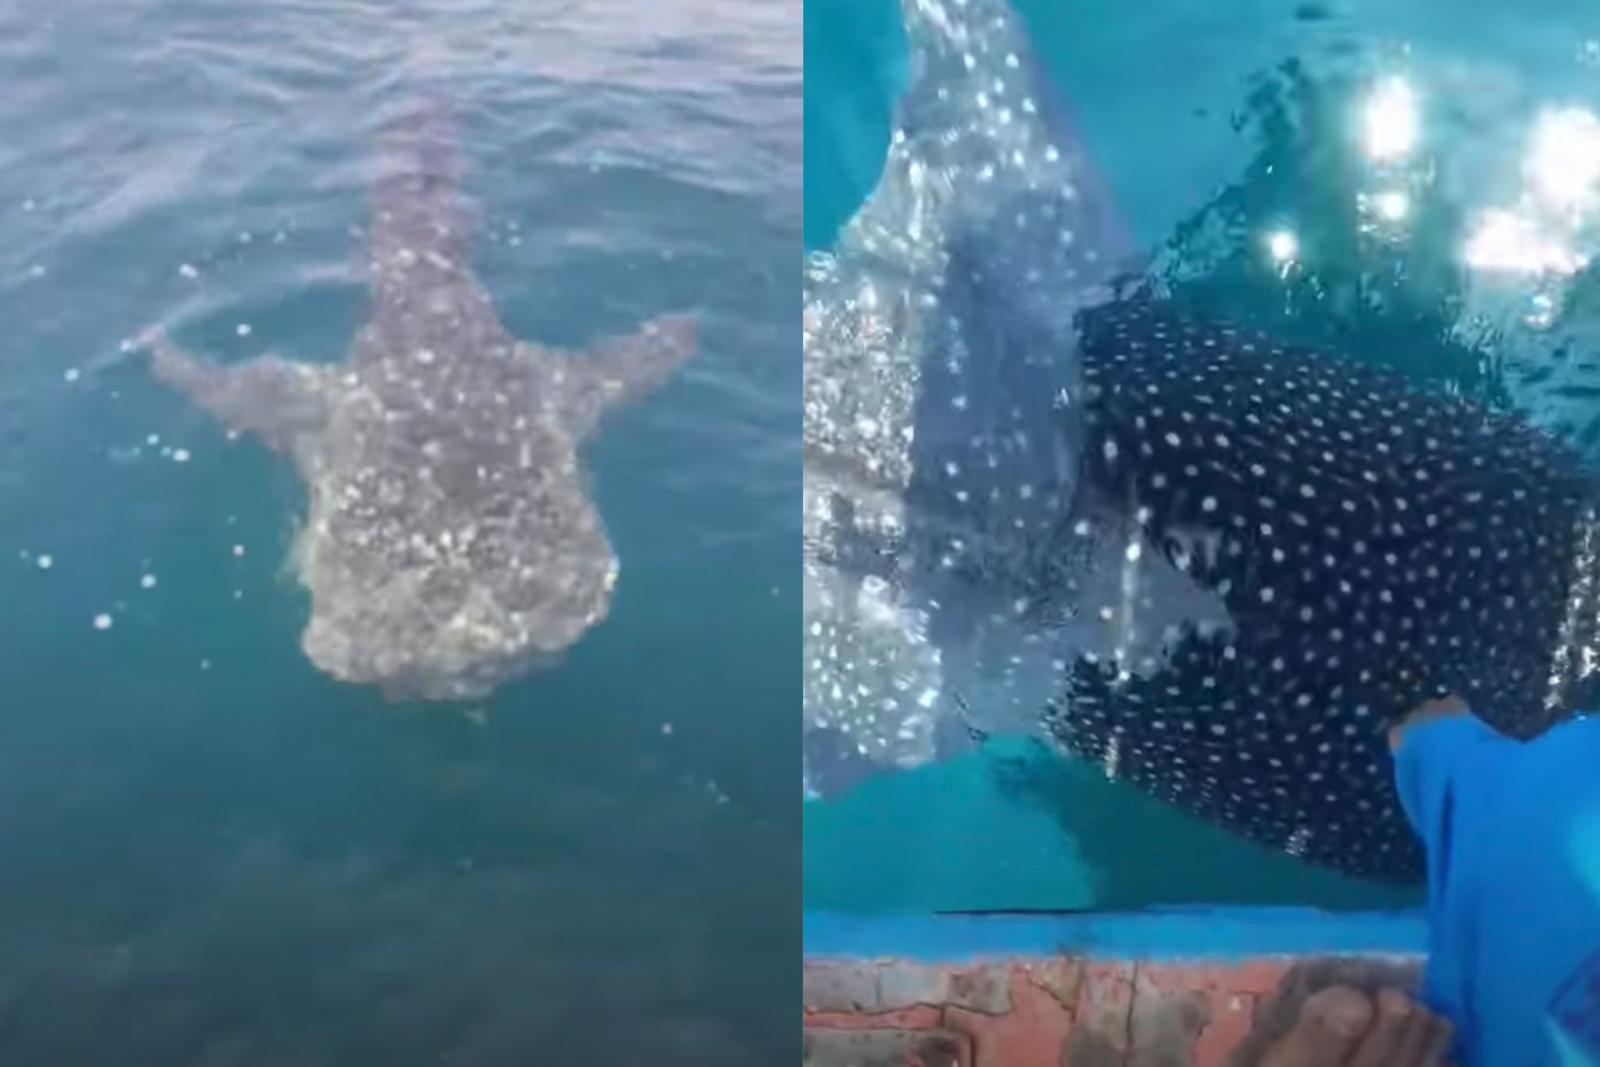 หนุ่มประมงตื่นเต้น ฉลามวาฬโผล่กลางอ่าวพัทยา อัดคลิปลงโซเชียล